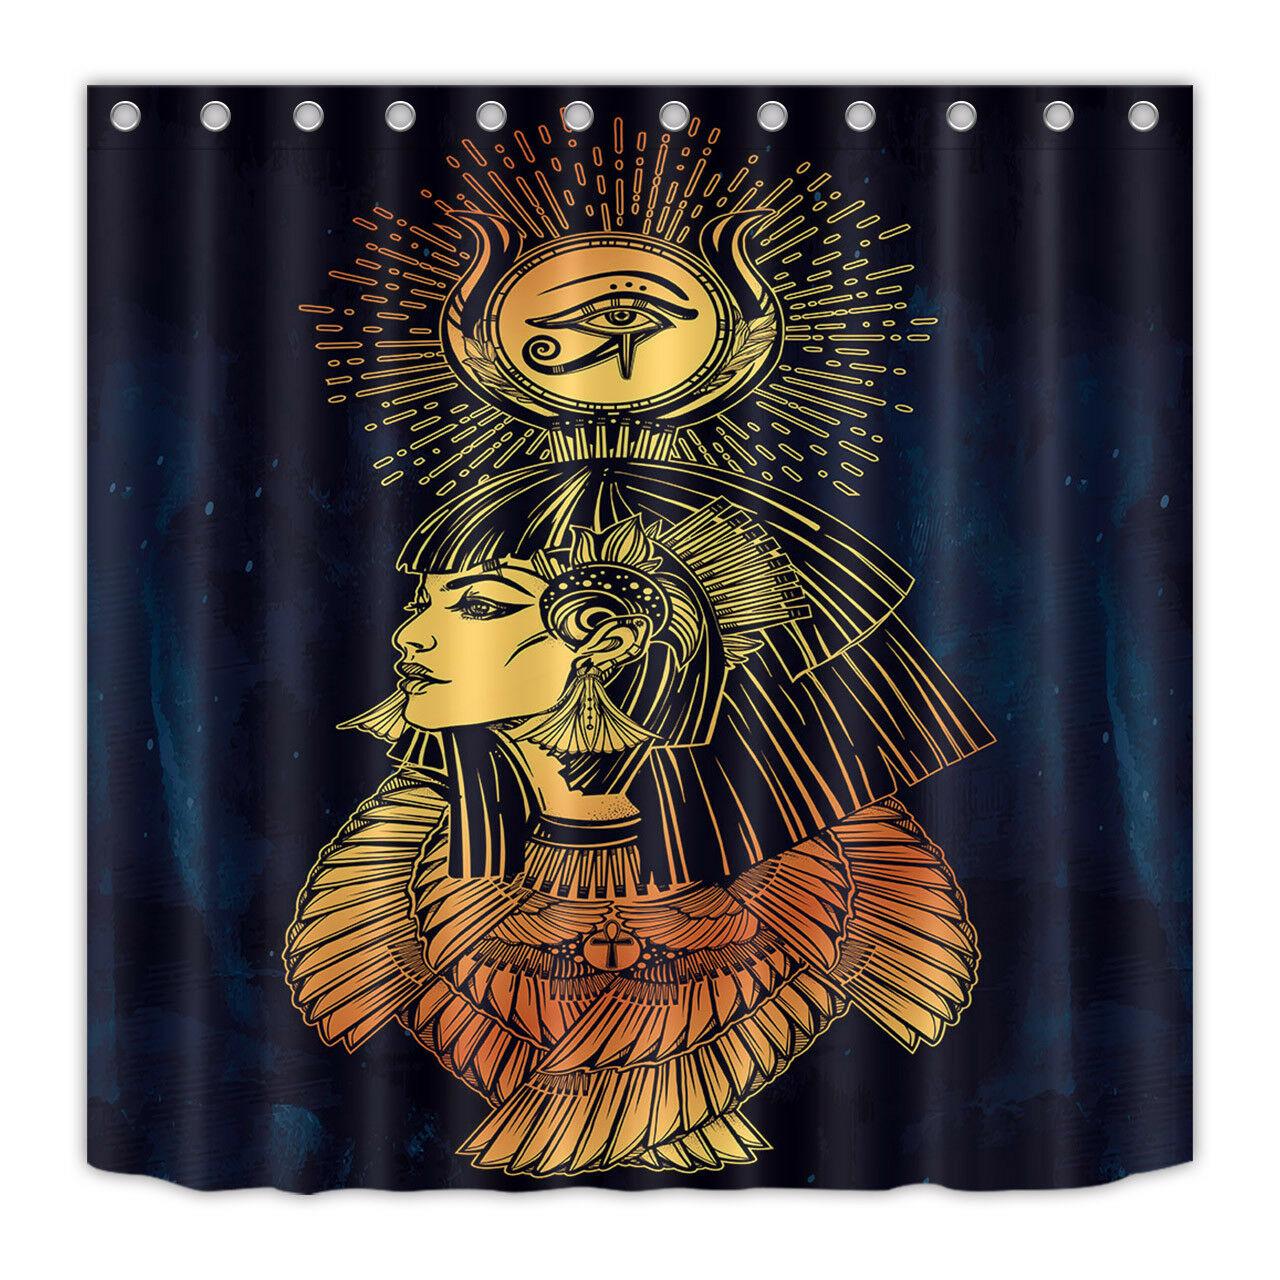 Conjunto impermeável do forro da cortina de chuveiro da deusa egípcia da beleza da tela